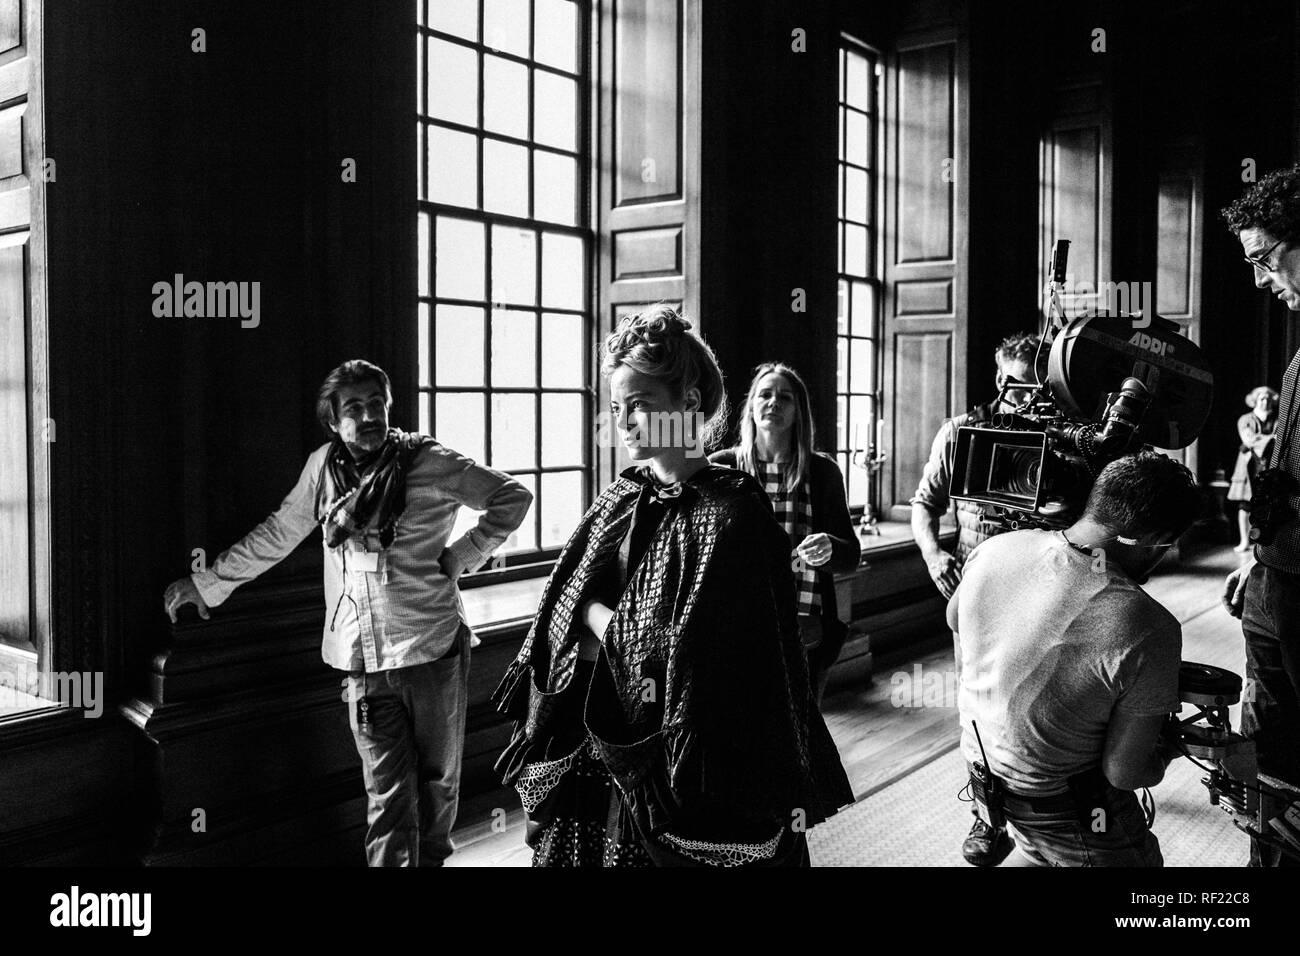 Prod DB © Yorgos Lanthimos - 20th Century Fox - Élément d'images - Scarlet Films - Film4 - Waypoint Loisirs / DR LA FAVORITE la favorite de Yorgos Lanthimos 2018 IRL./GB/USA Atilla Salih Yucer (1er assistant realisateur) Emma Stone sur le tournage sur le plateau; tournage; Premier directeur adjoint; 1er assistant realisateur Photo Stock